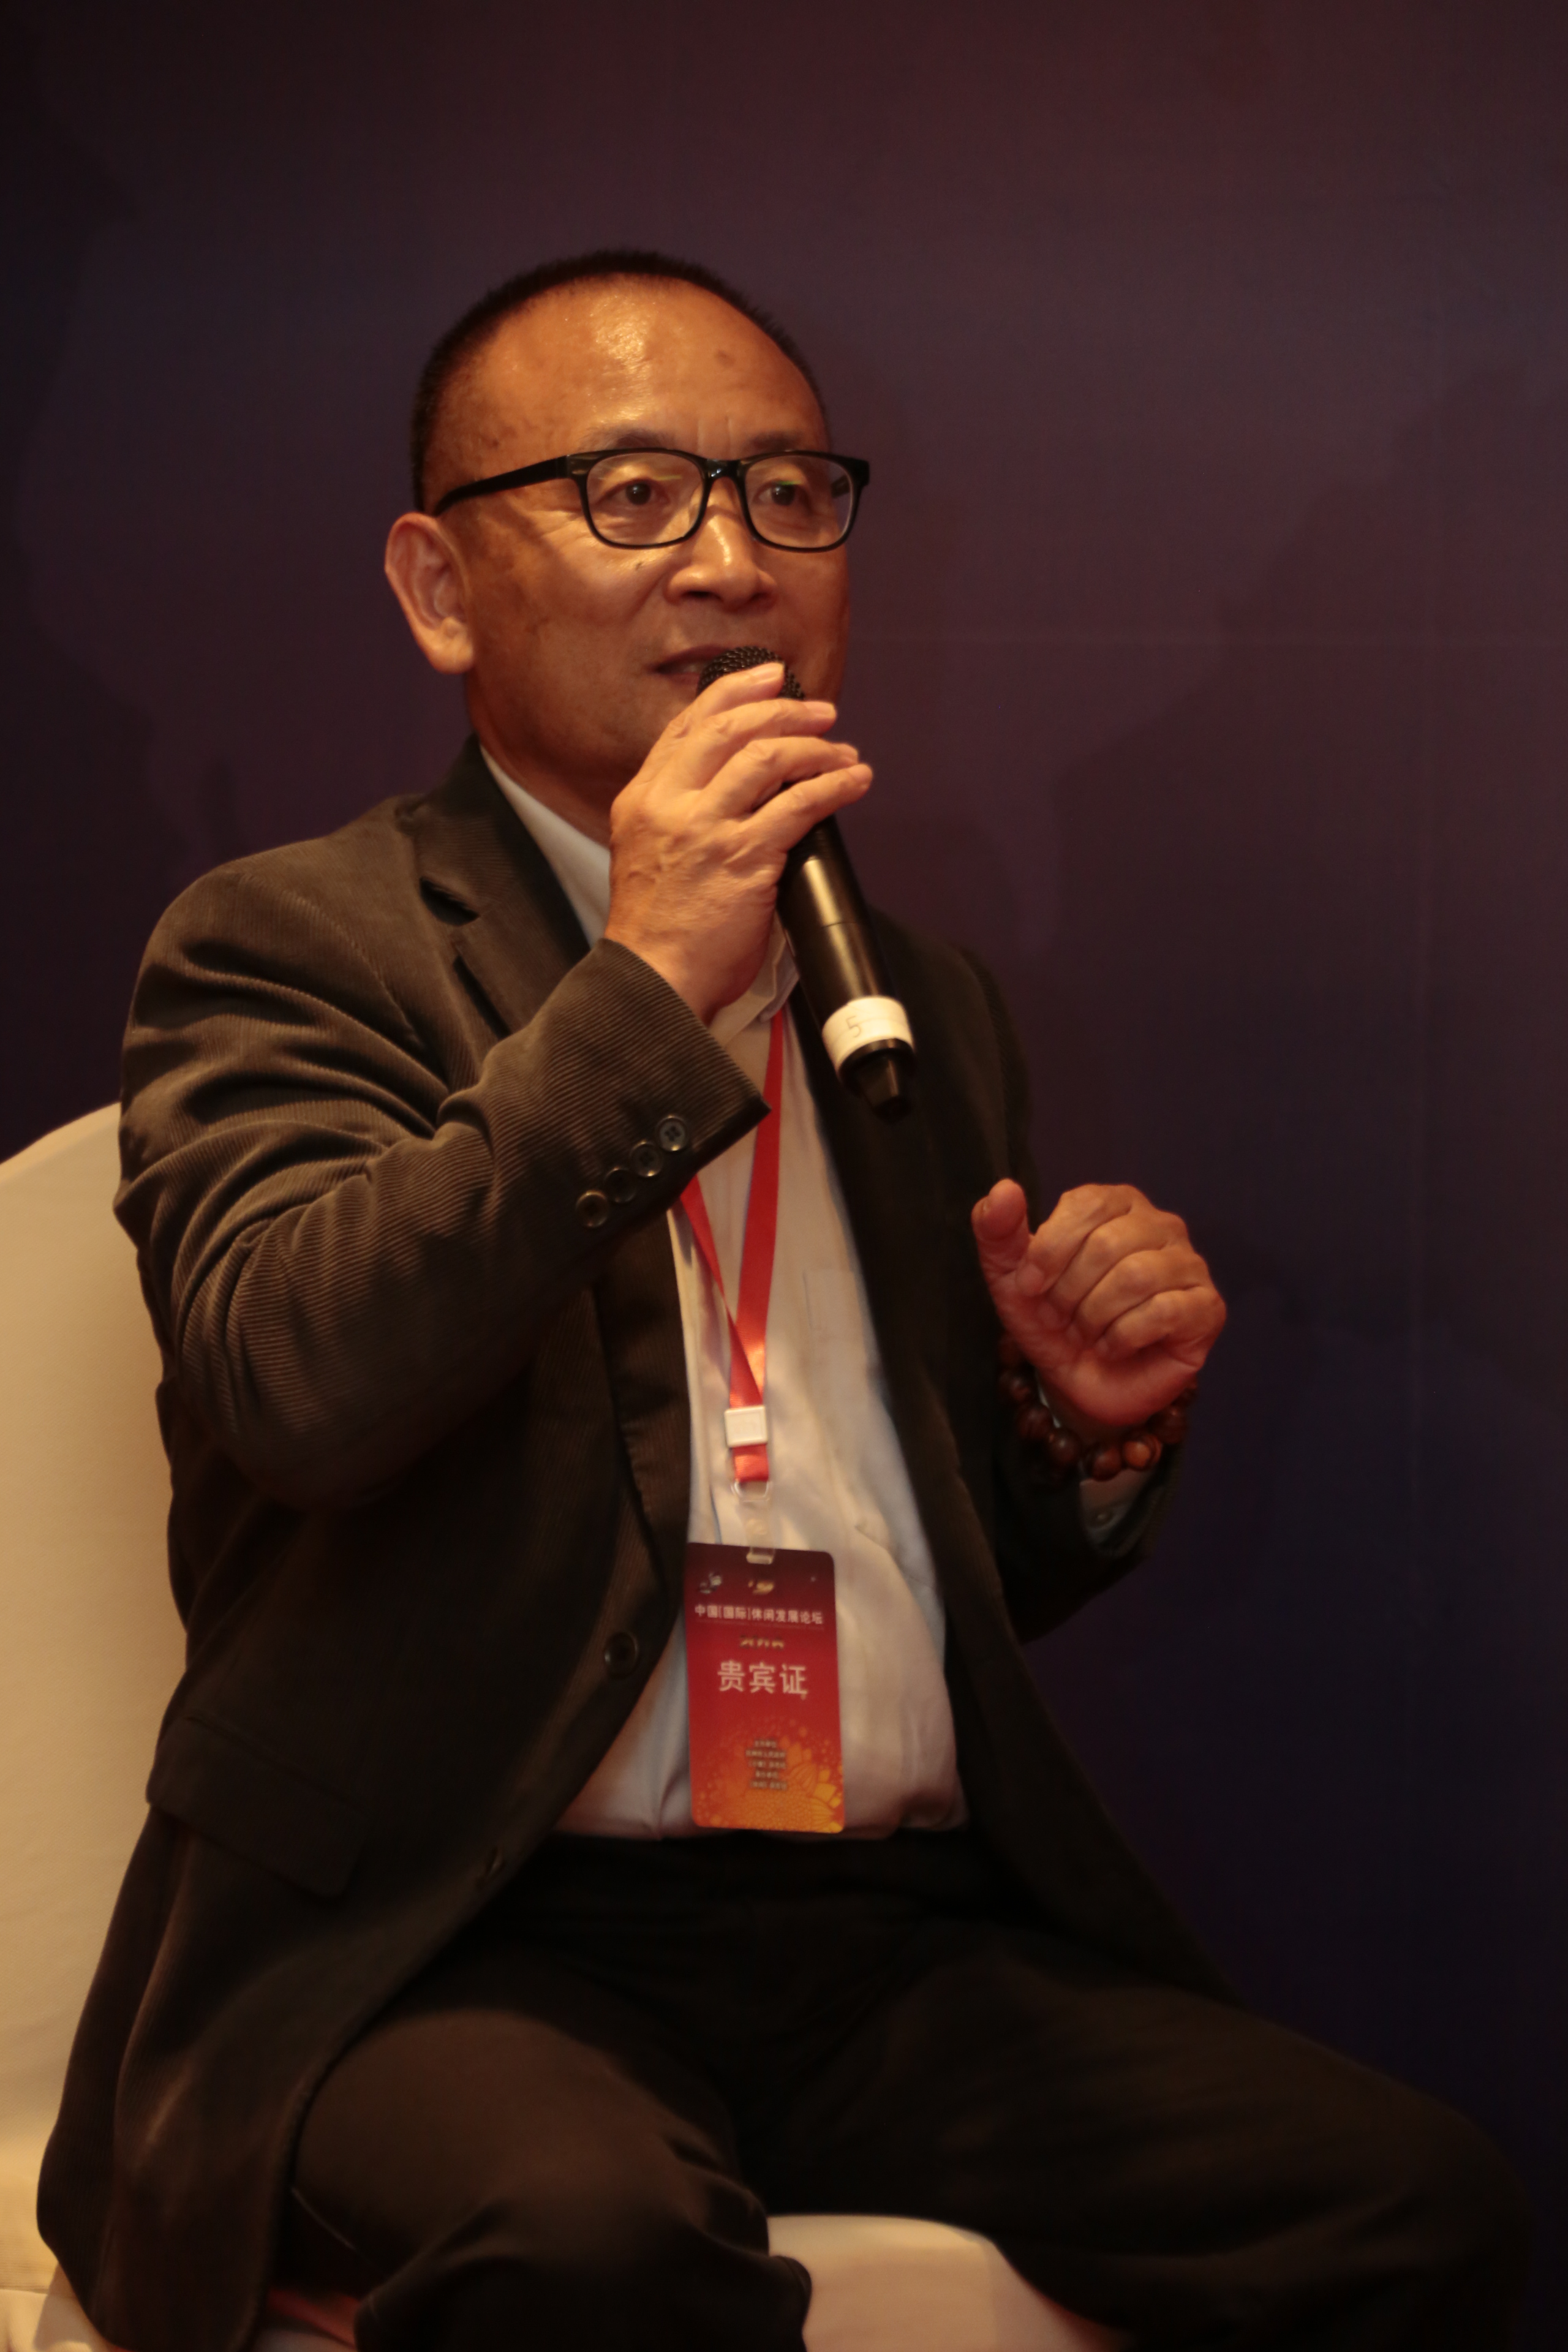 首都互联网协会高级顾问蒋亚平